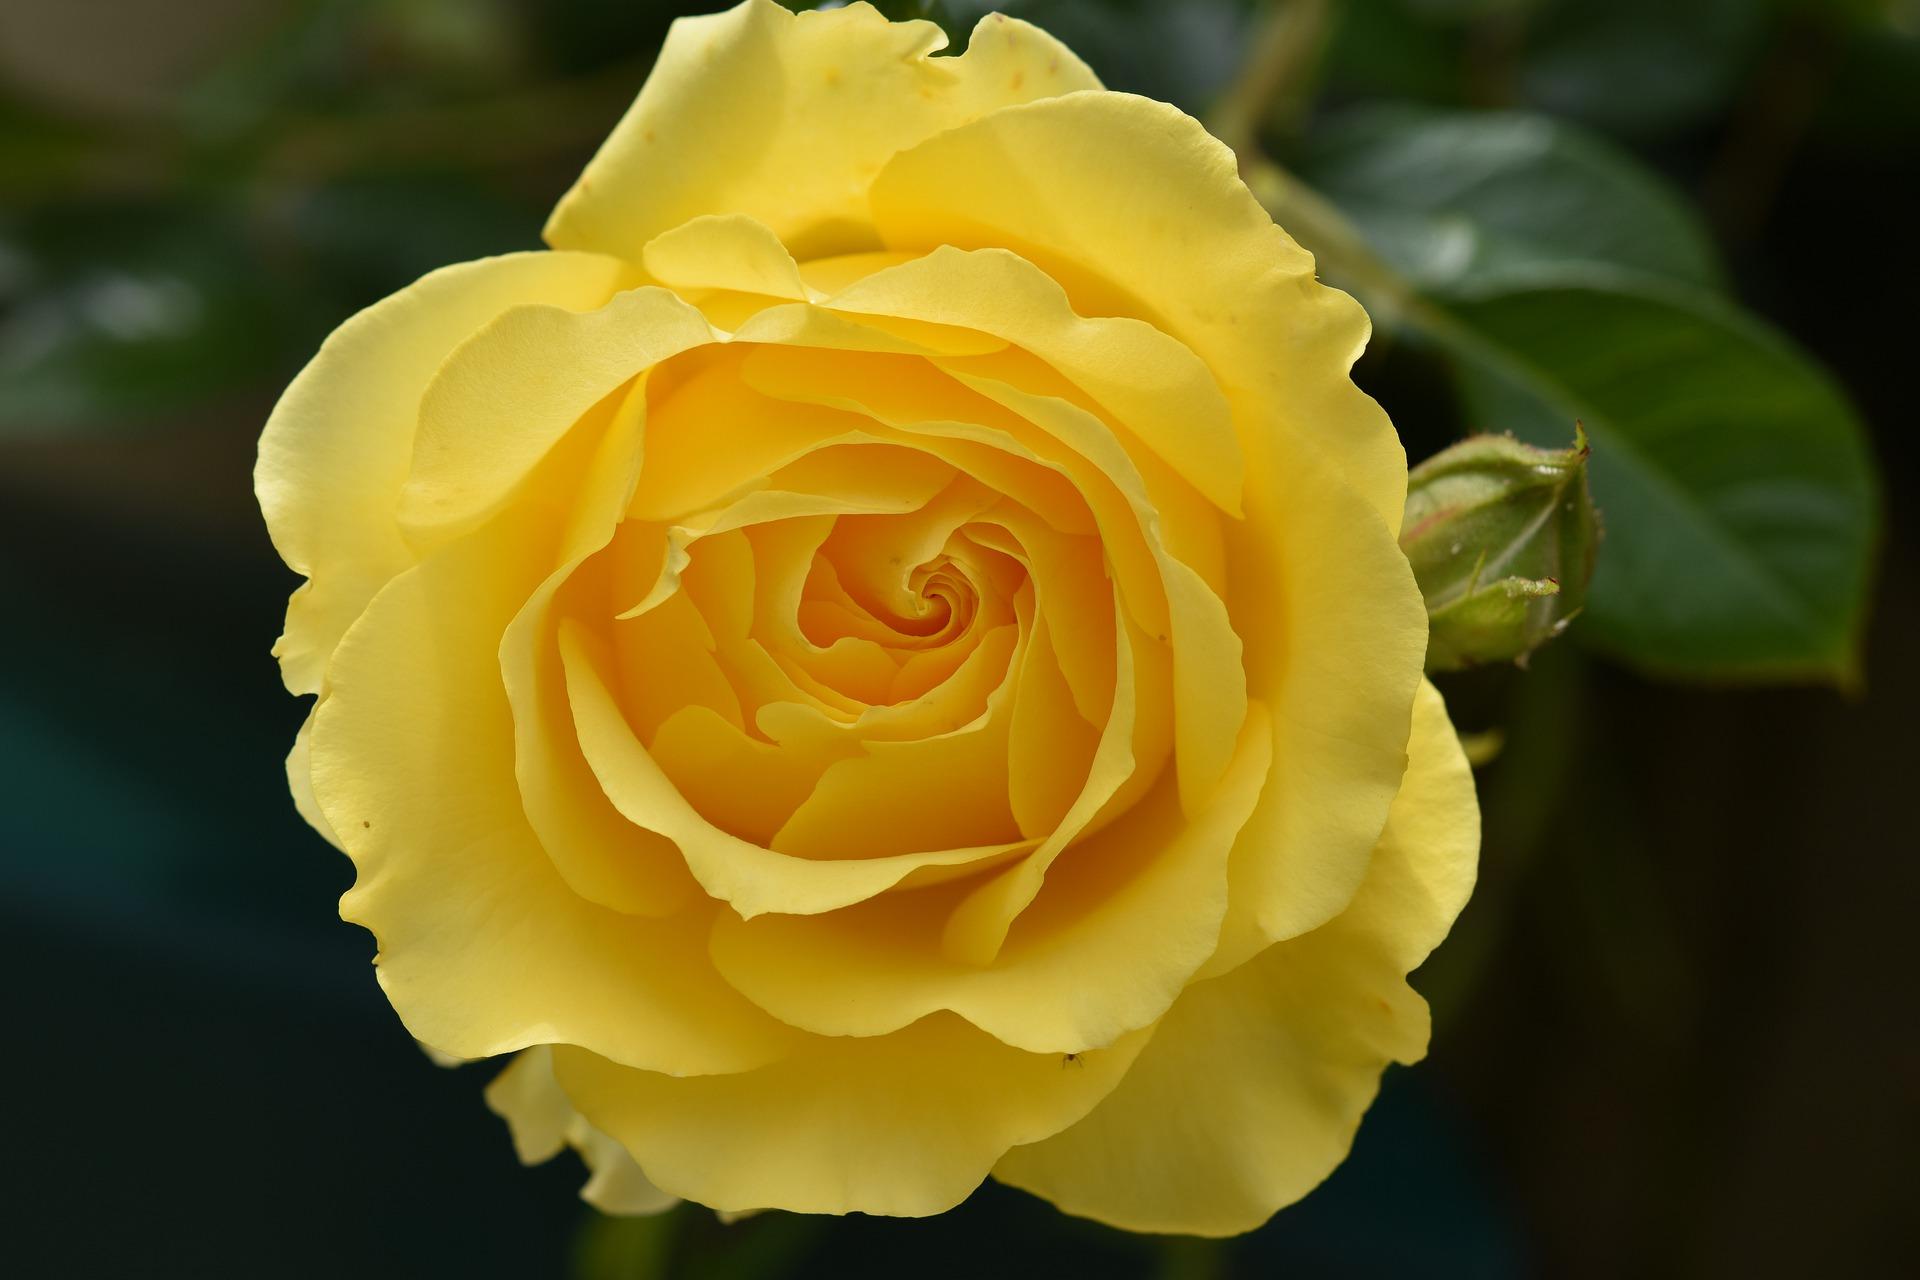 Фото Желтая роза на размытом фоне, фотограф JacLou DL